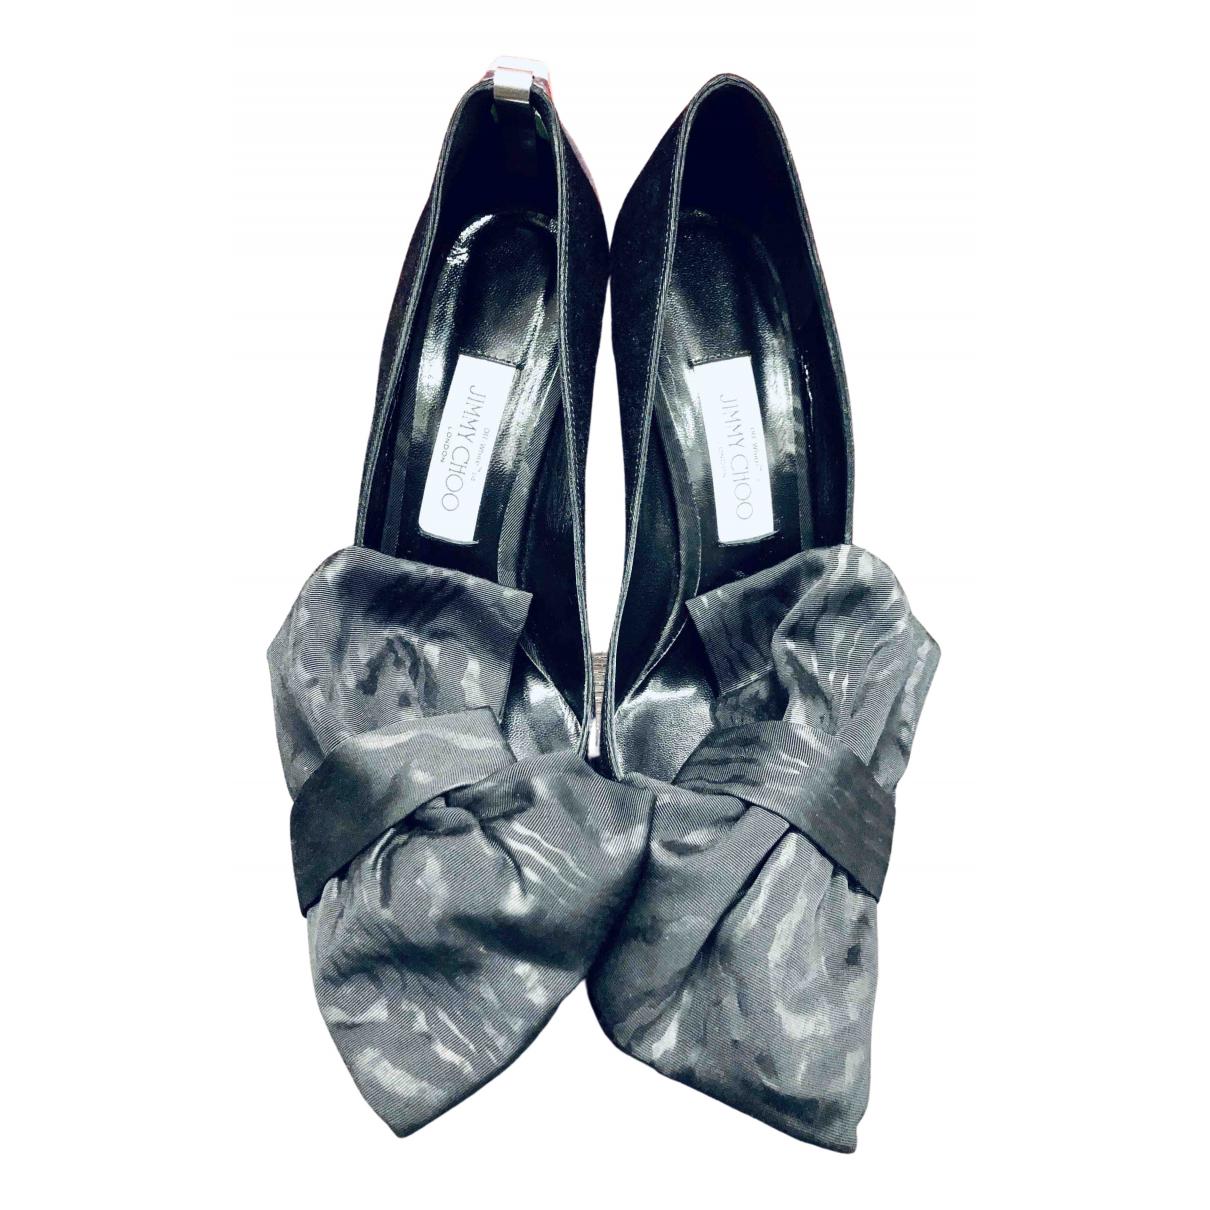 Jimmy Choo X Off-white N Black Cloth Heels for Women 40 EU